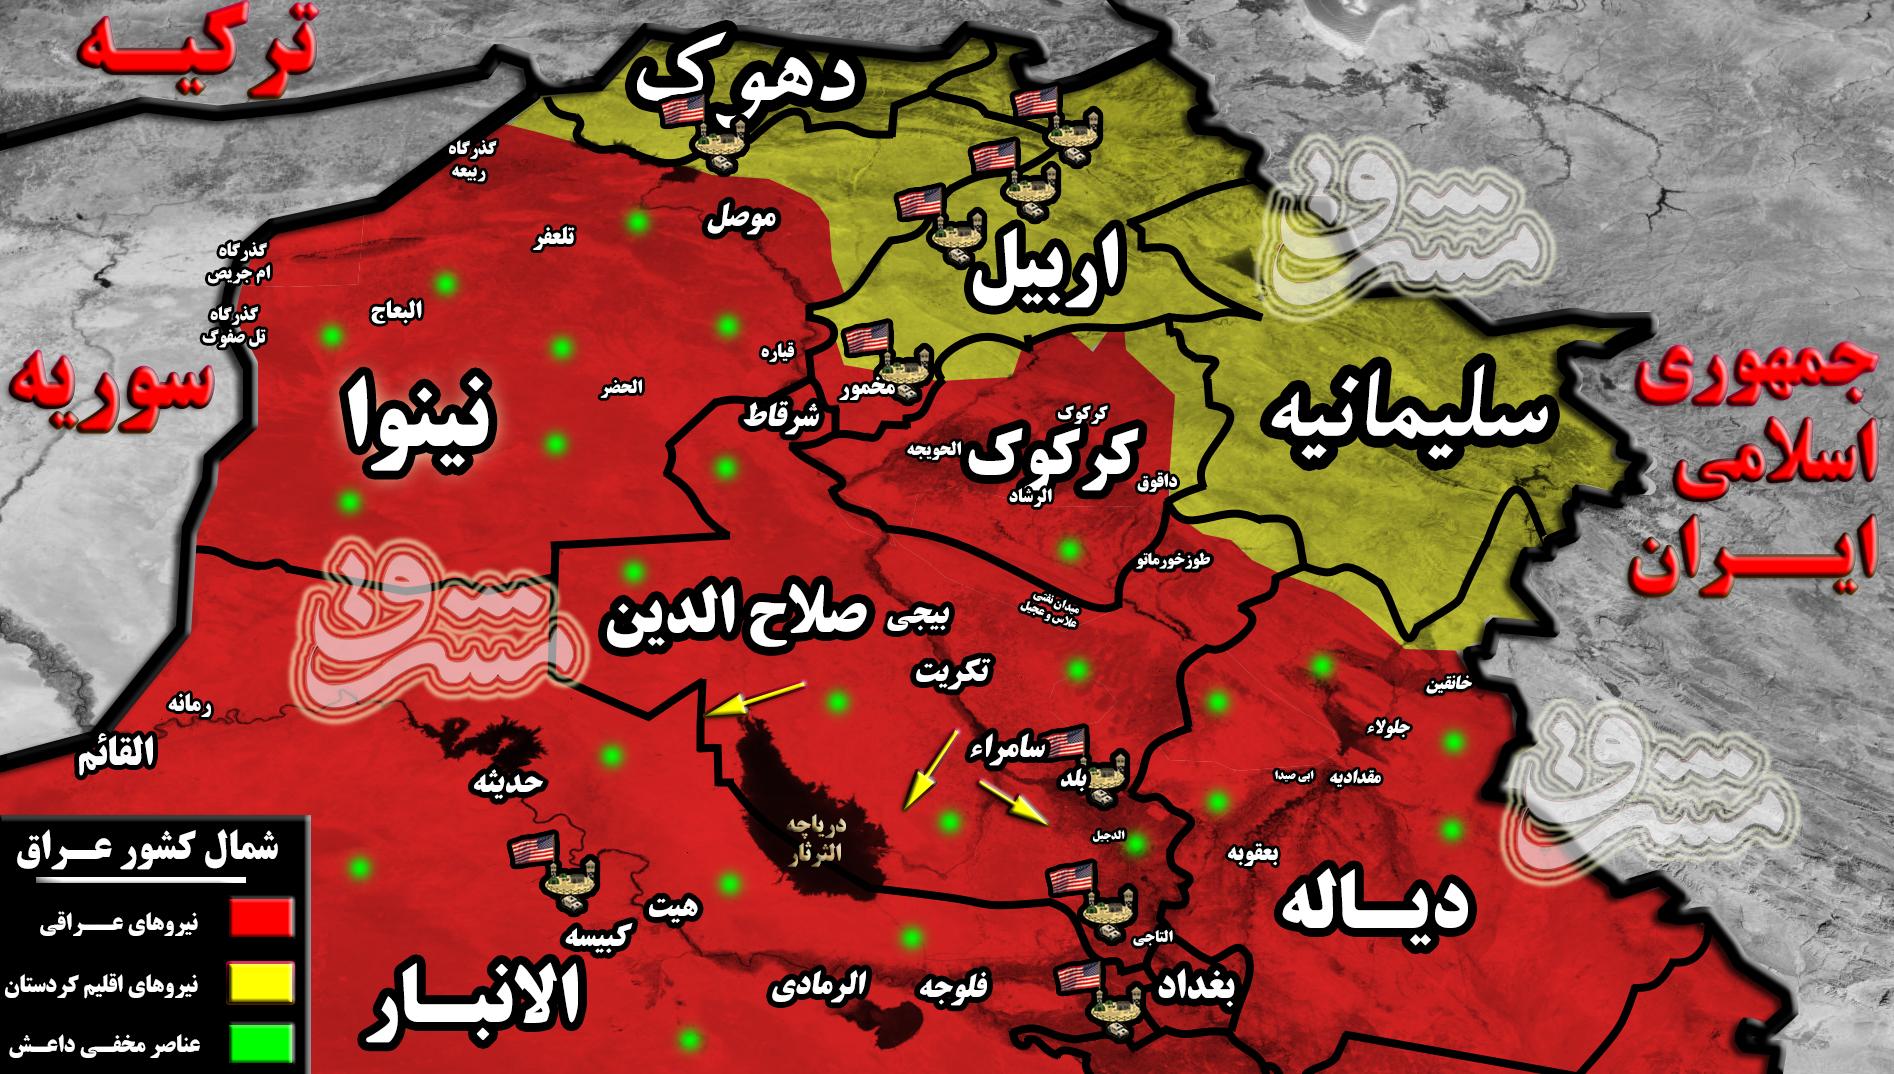 در حومه شهر «سامراء» چه میگذرد؟ / جزئیات عملیات پیشدستانه علیه داعش + نقشه میدانی و عکس